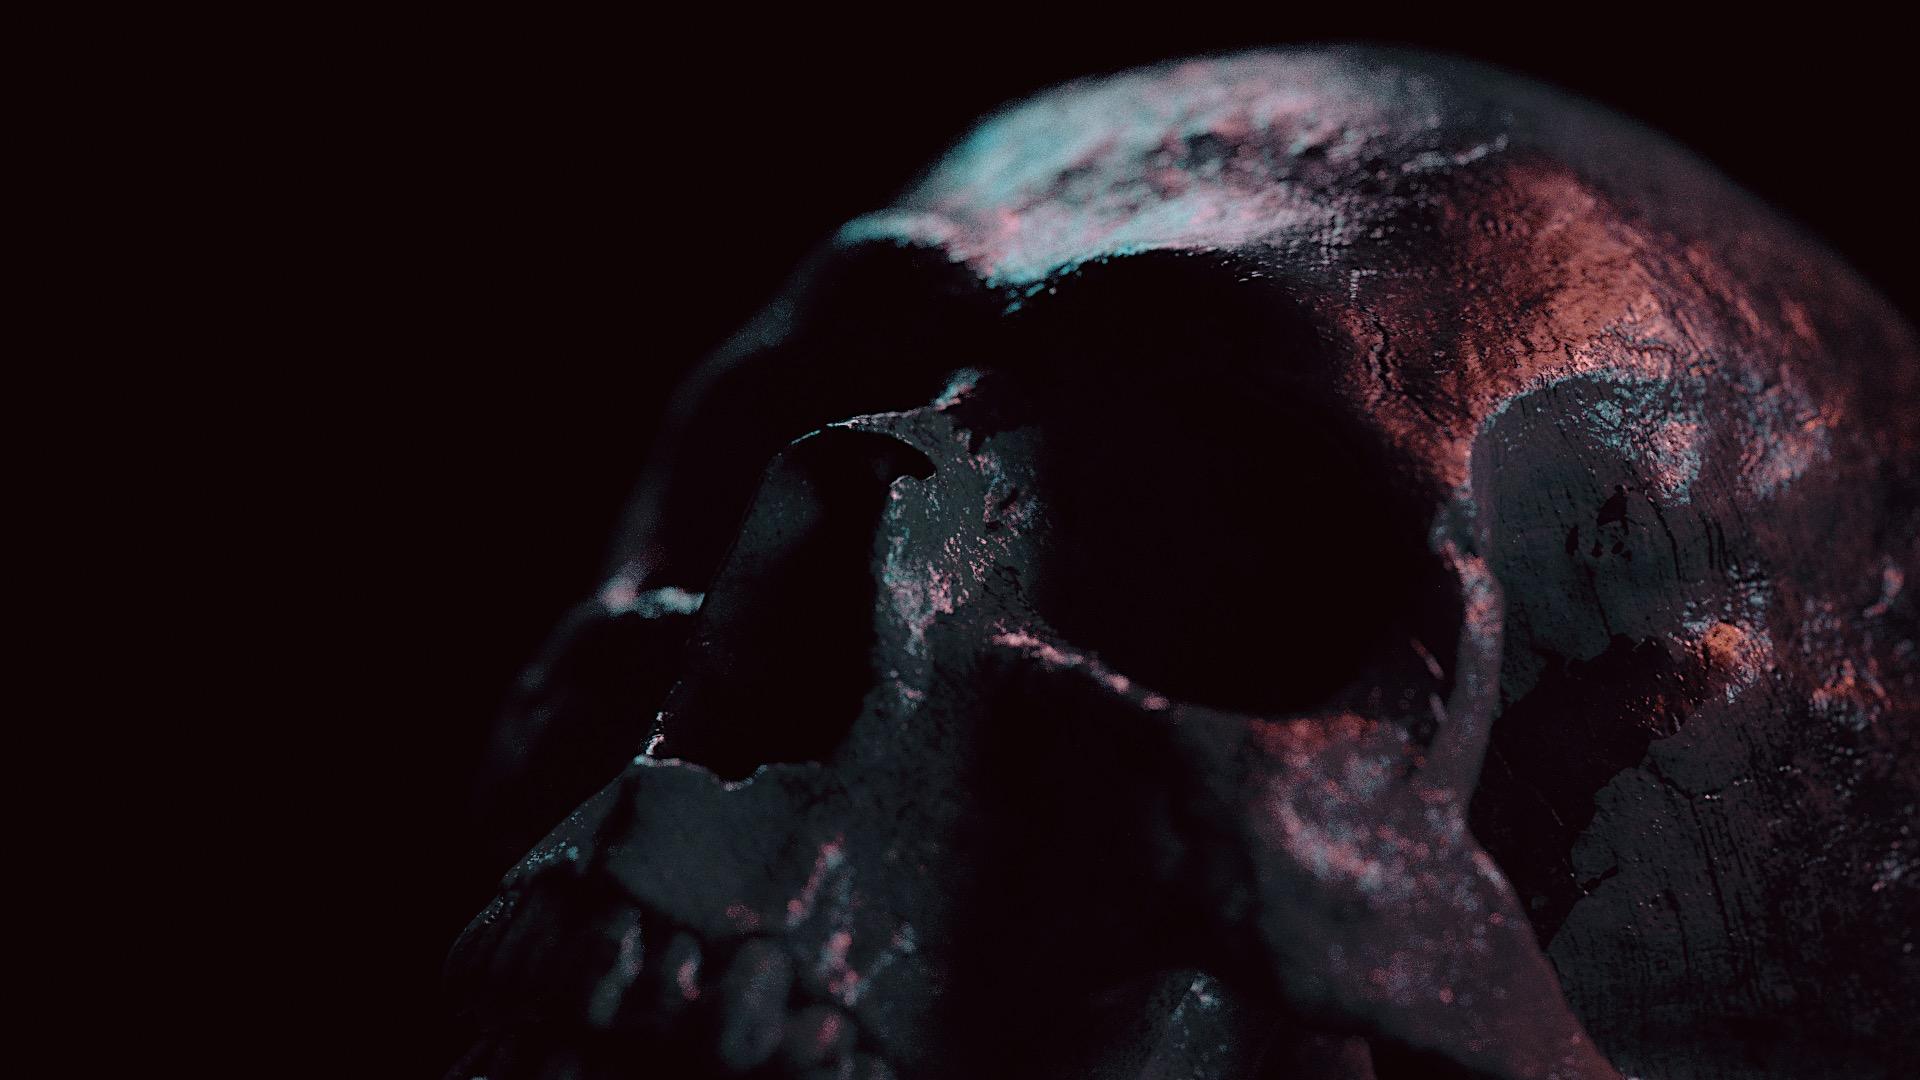 morgue_close